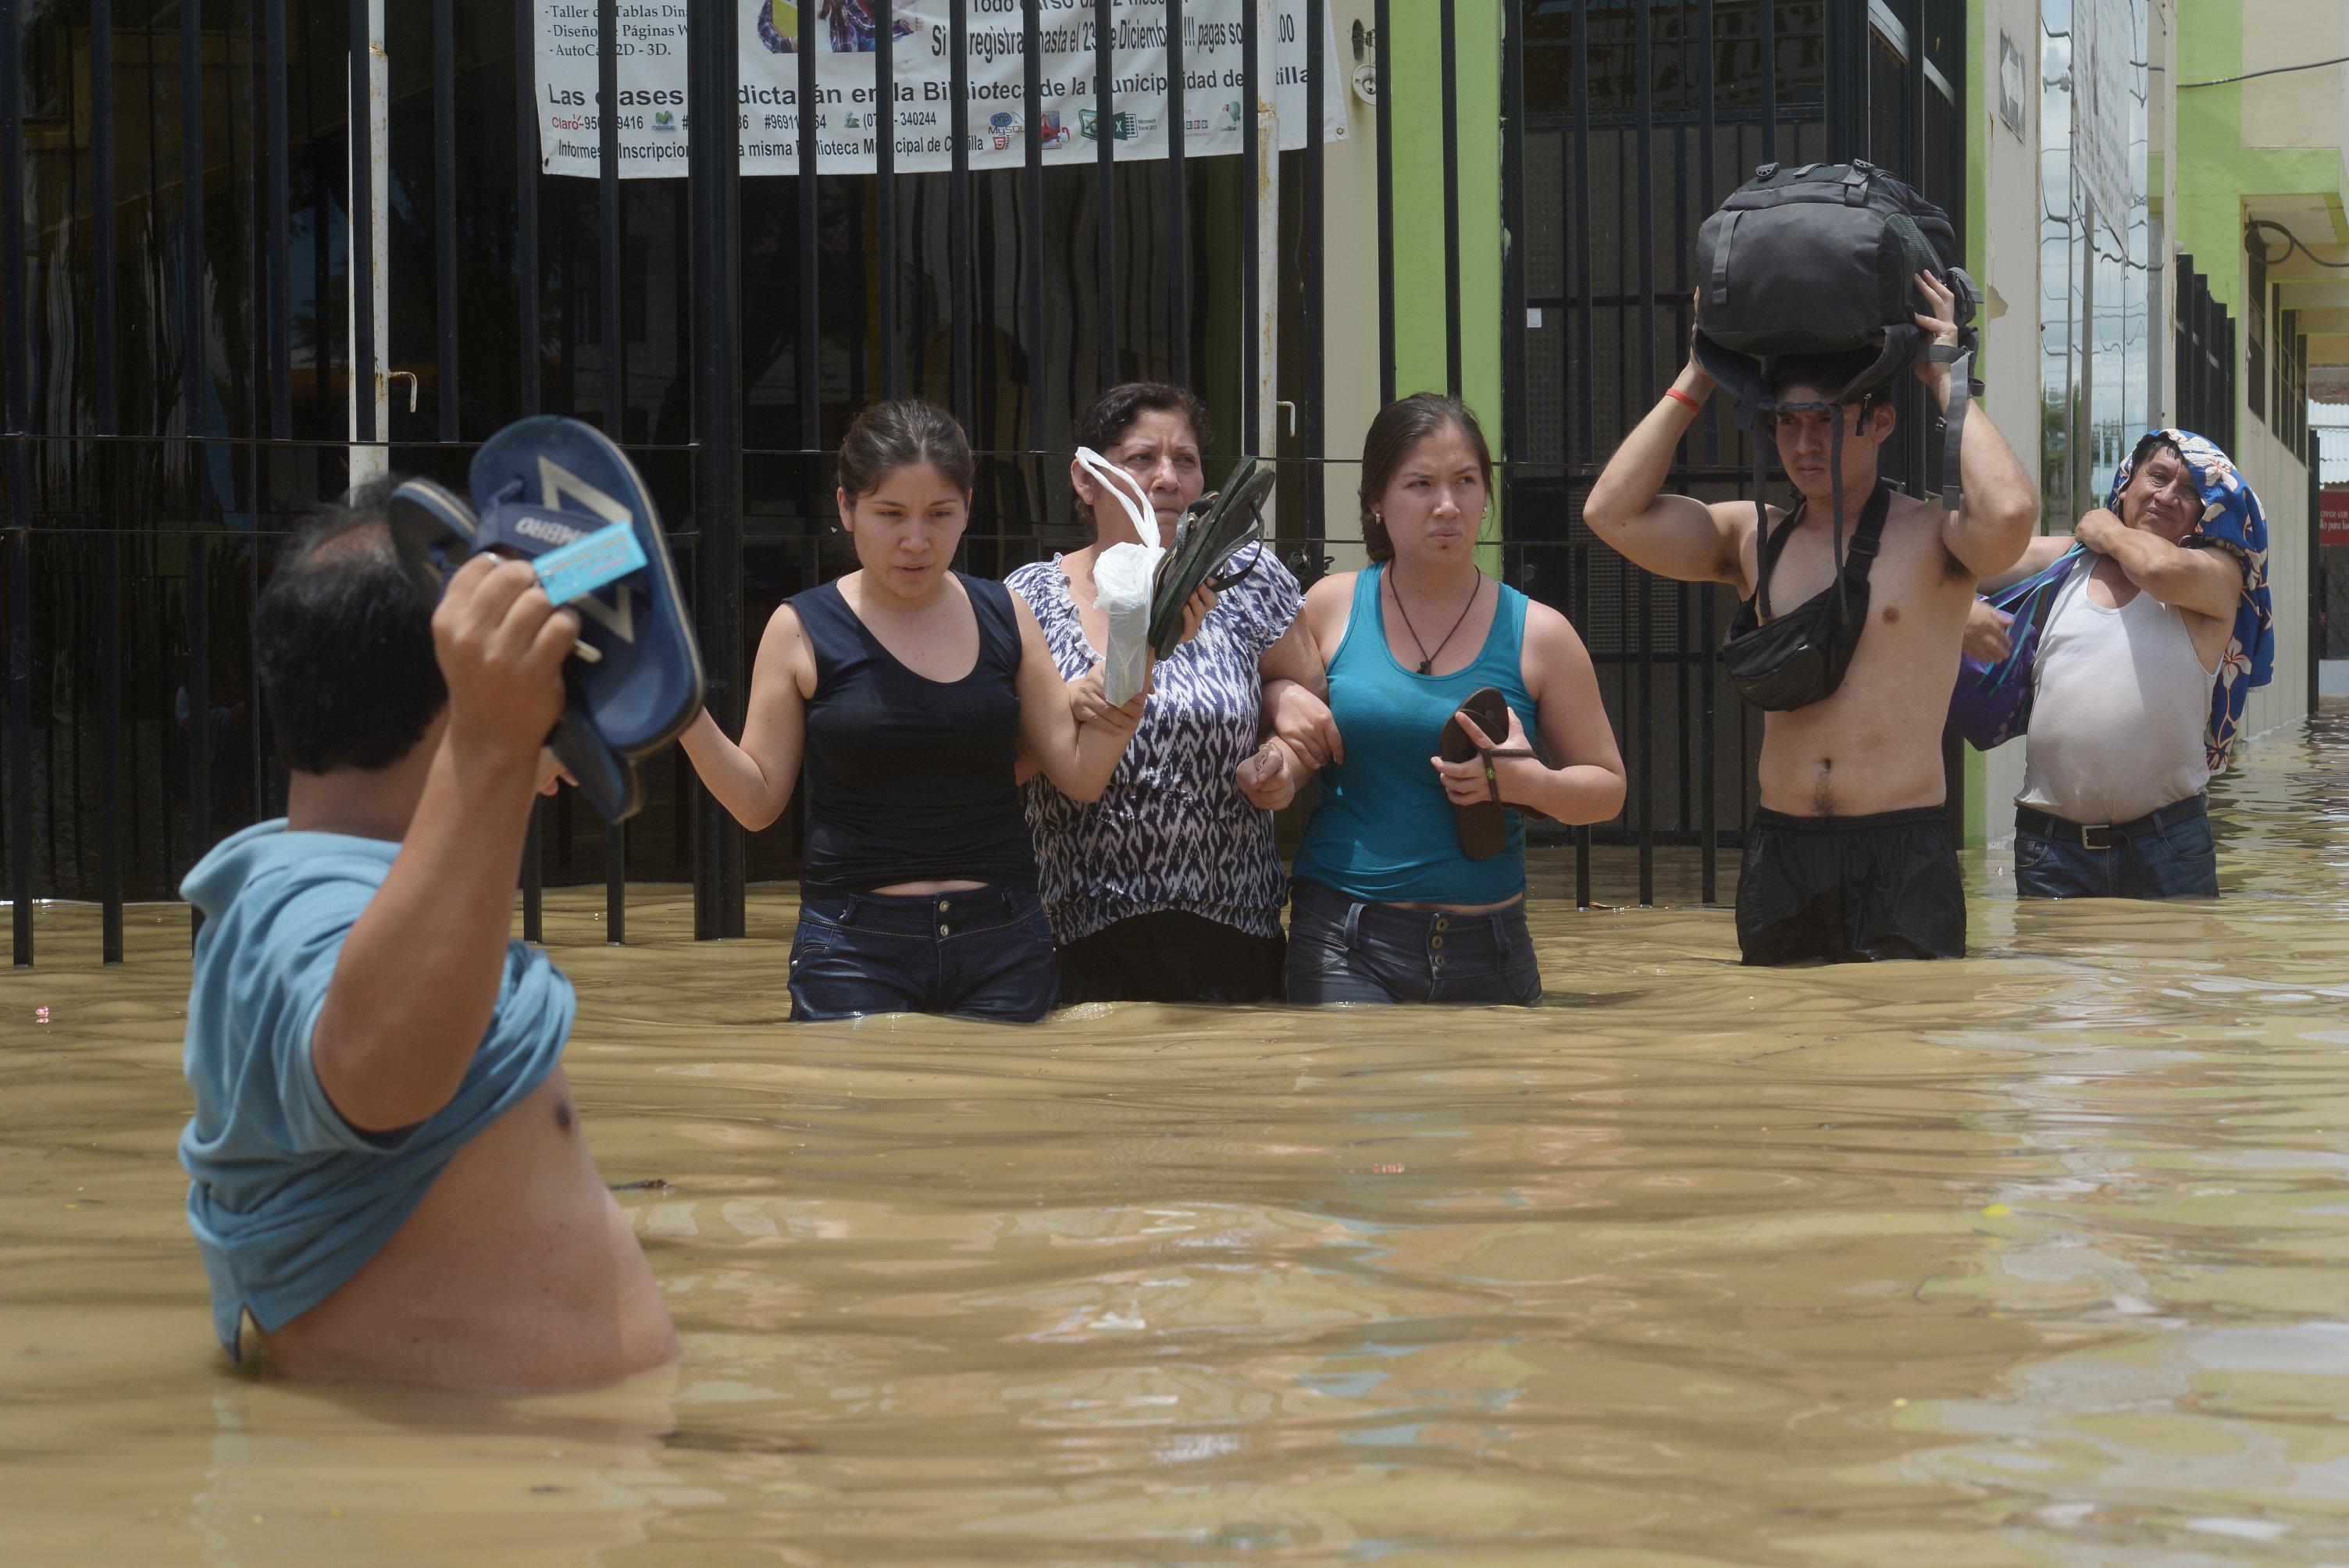 مواطنين يحملون أمتعتهم فى محاولة لعبور مياة الفيضان